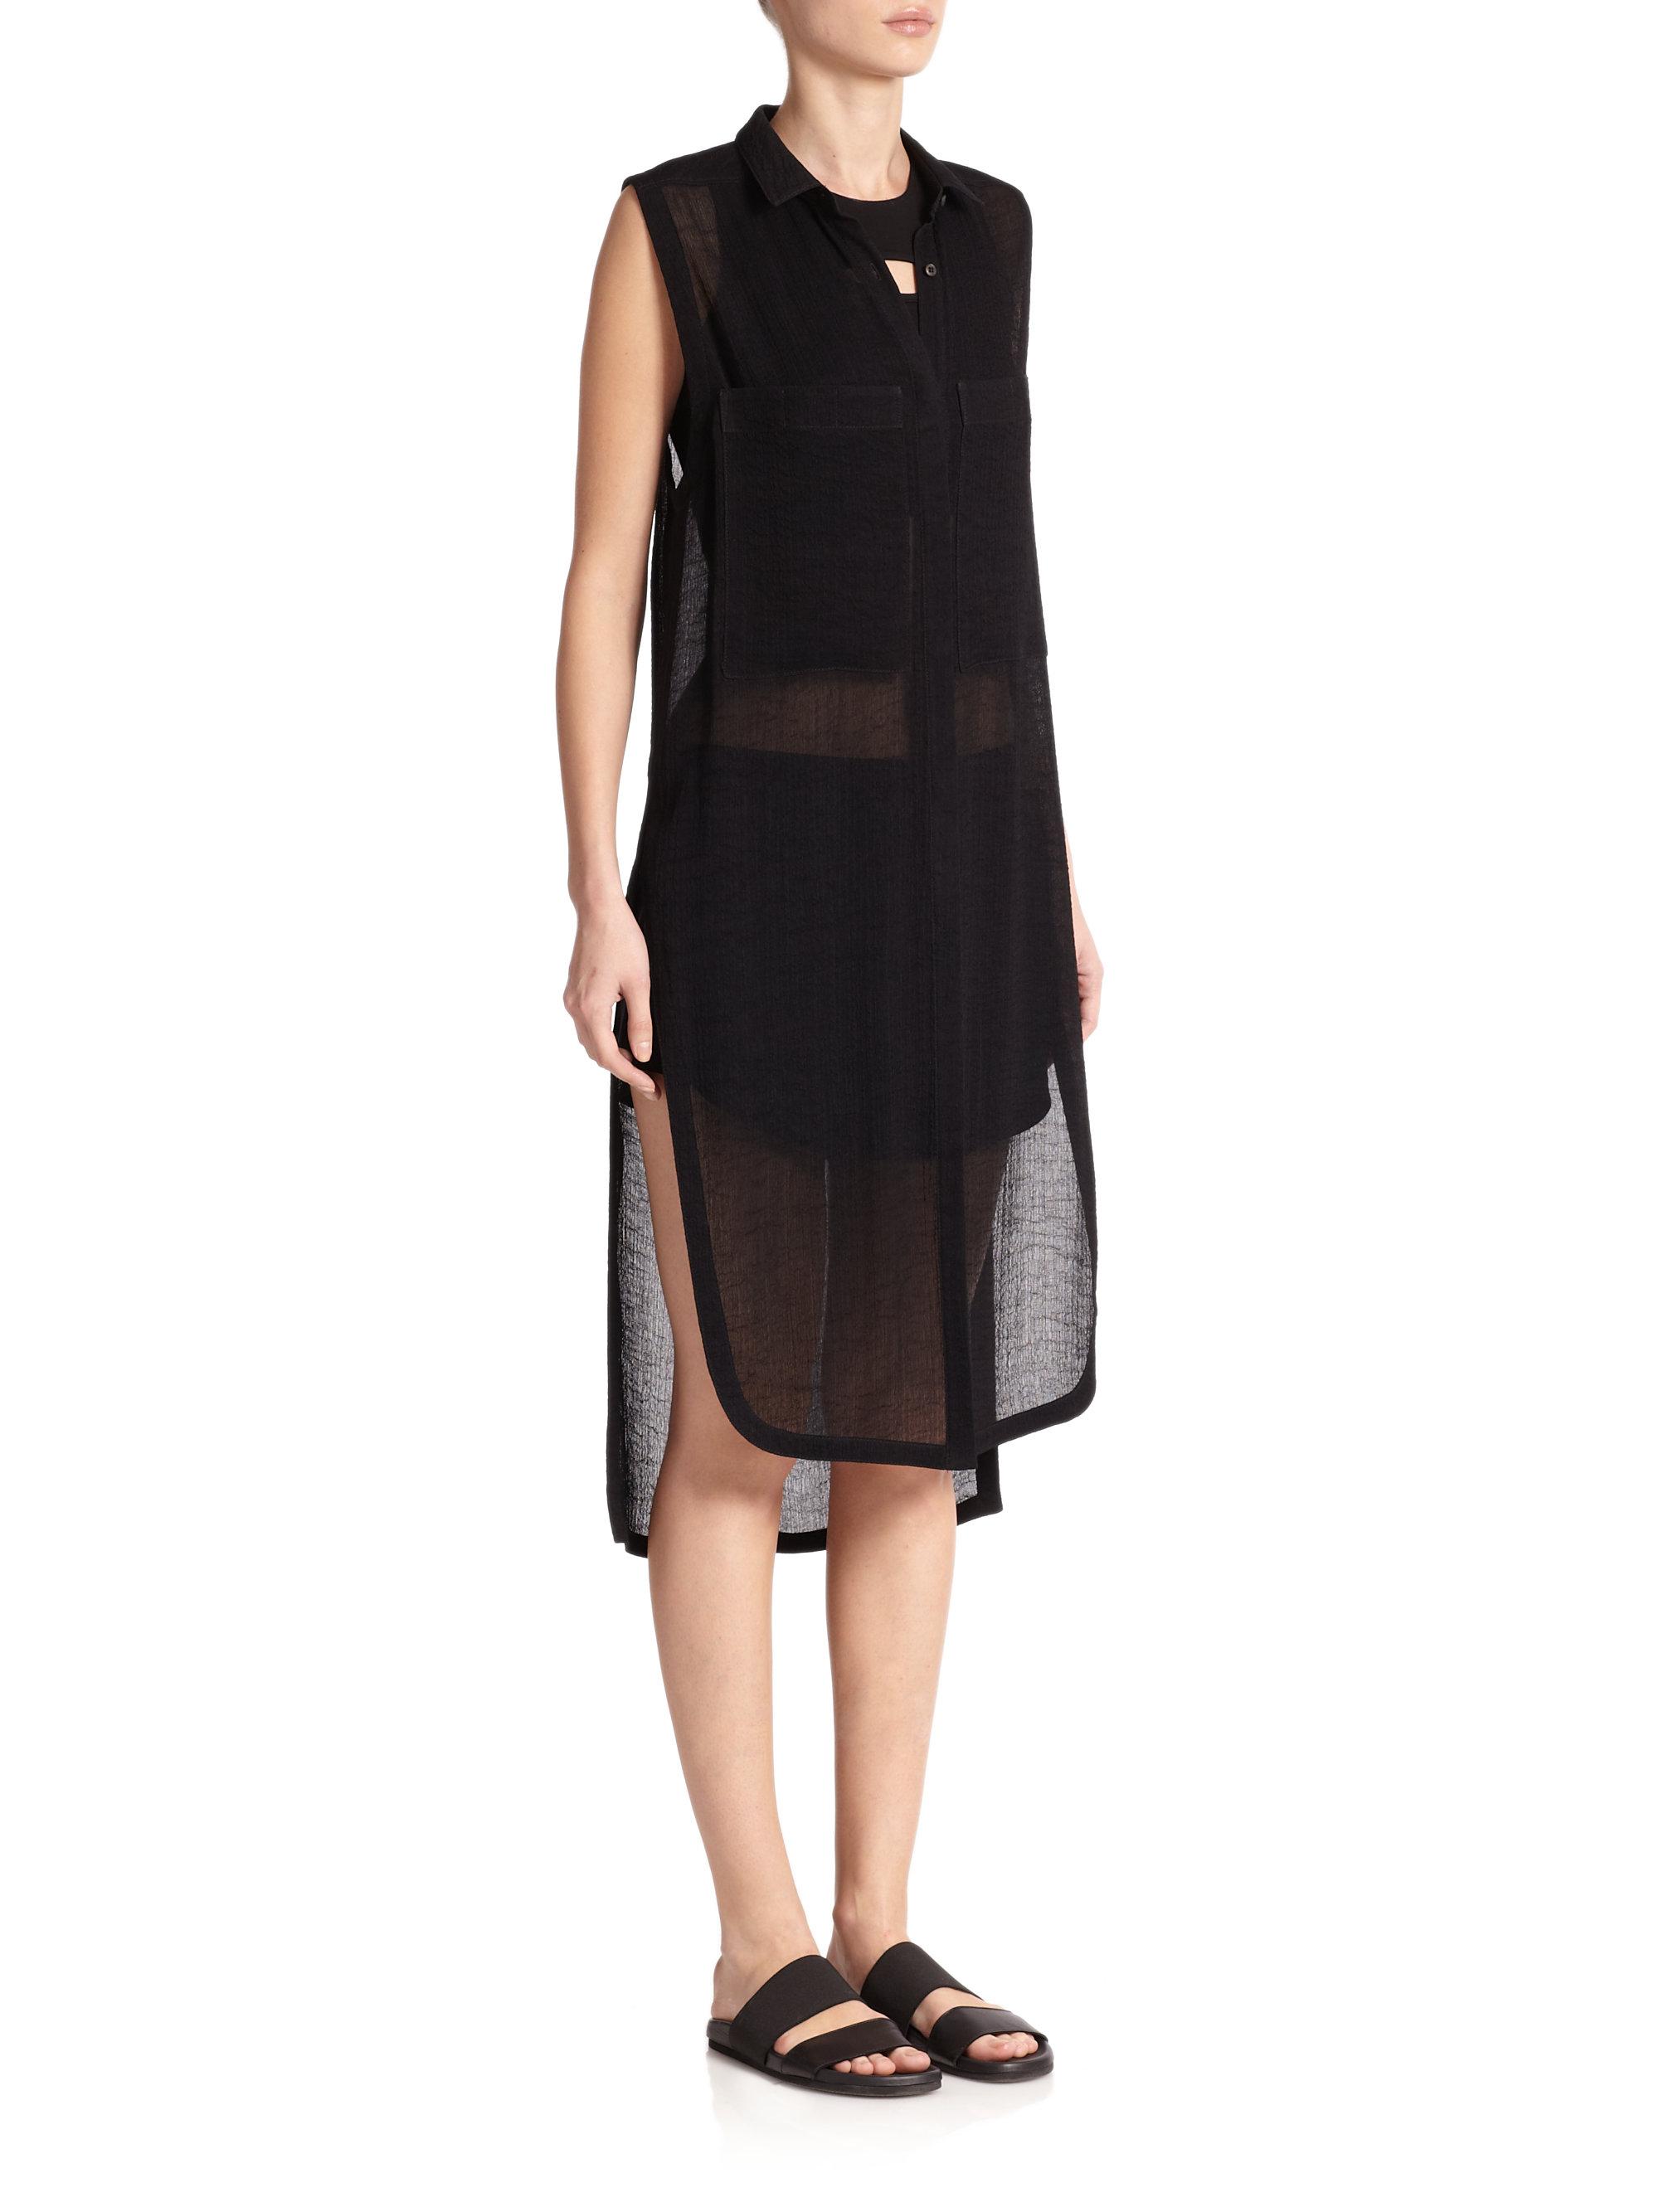 Helmut lang Swift Sleeveless Sheer Shirt Dress in Black   Lyst